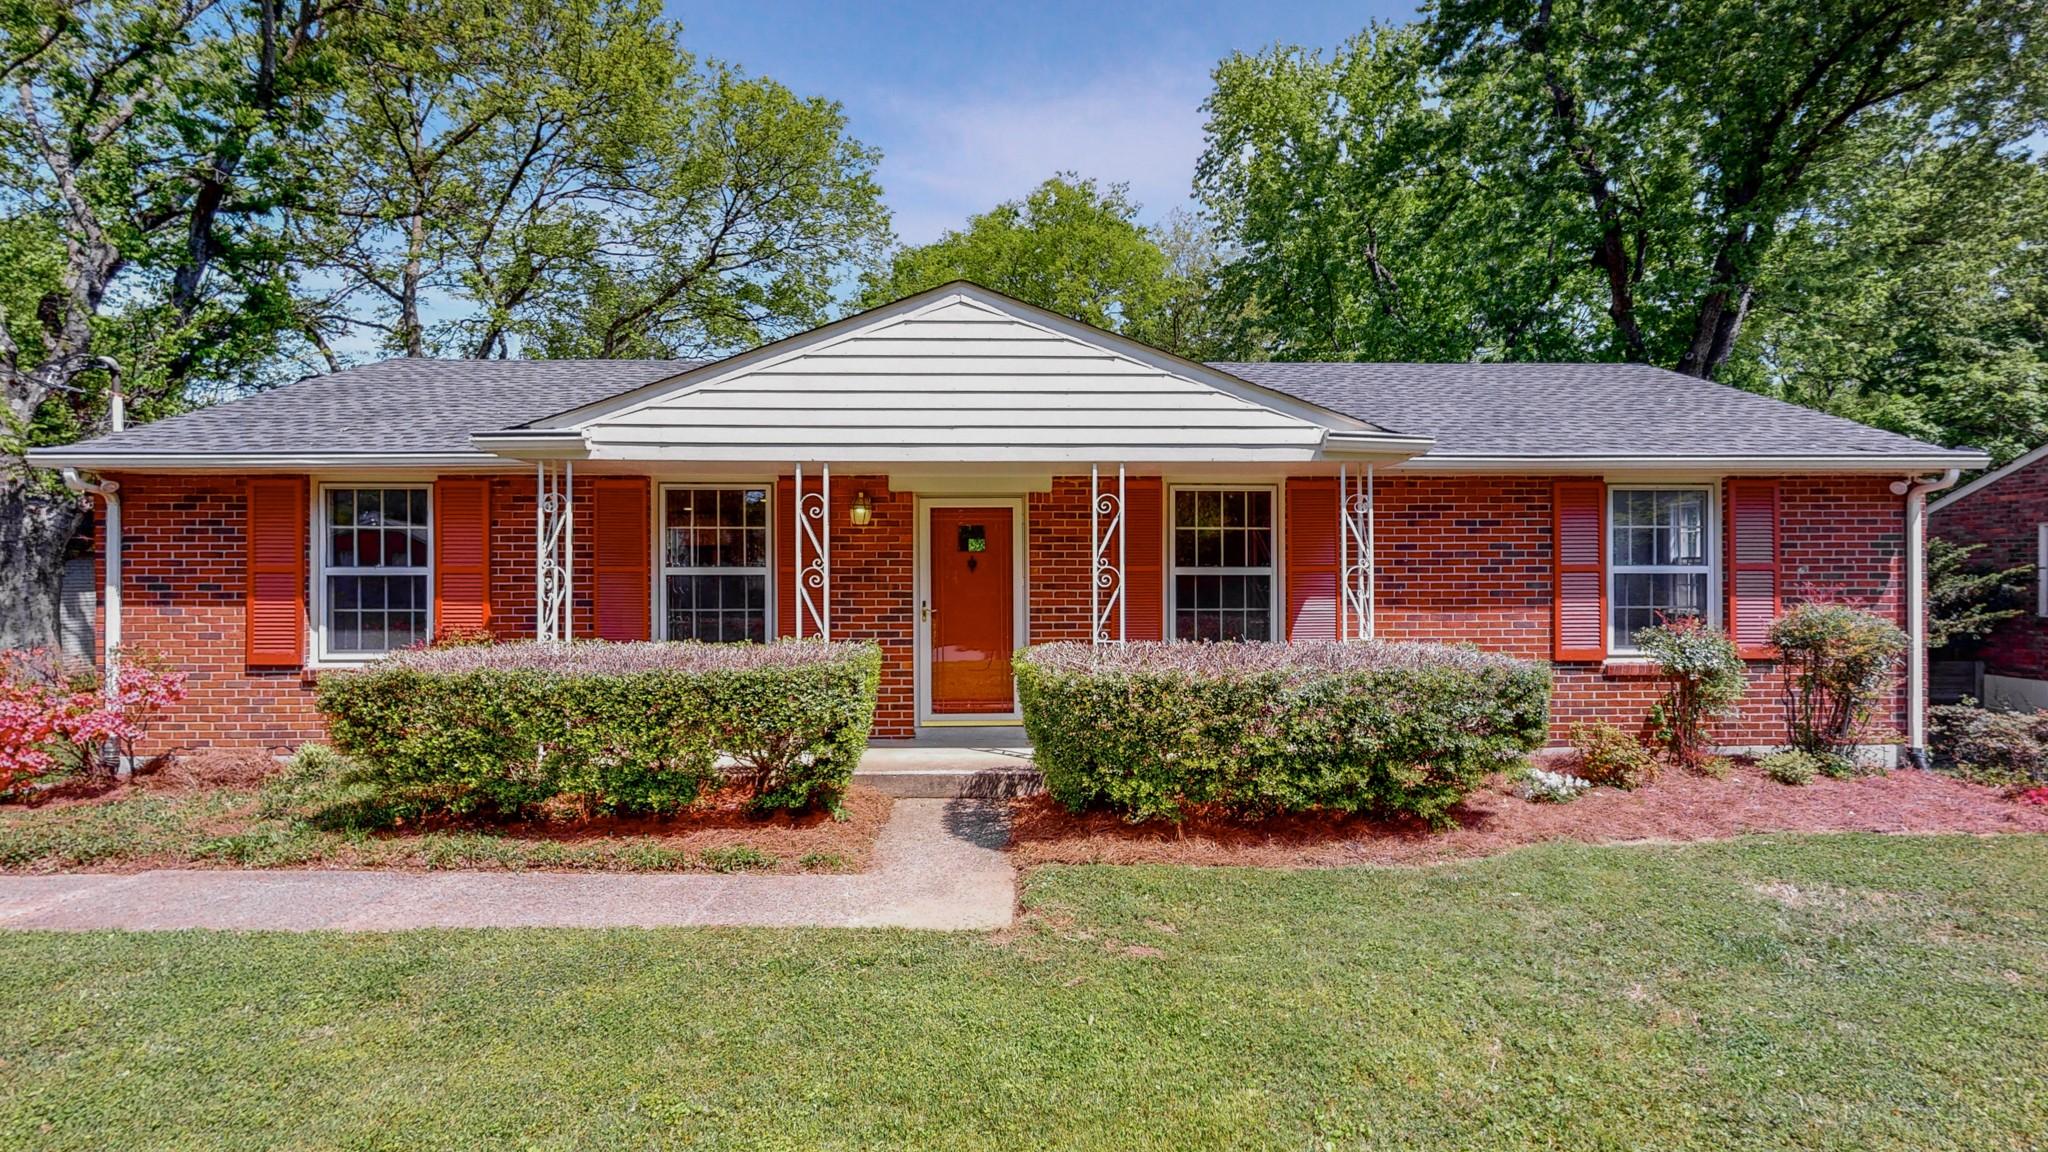 348 Binkley Dr Property Photo - Nashville, TN real estate listing